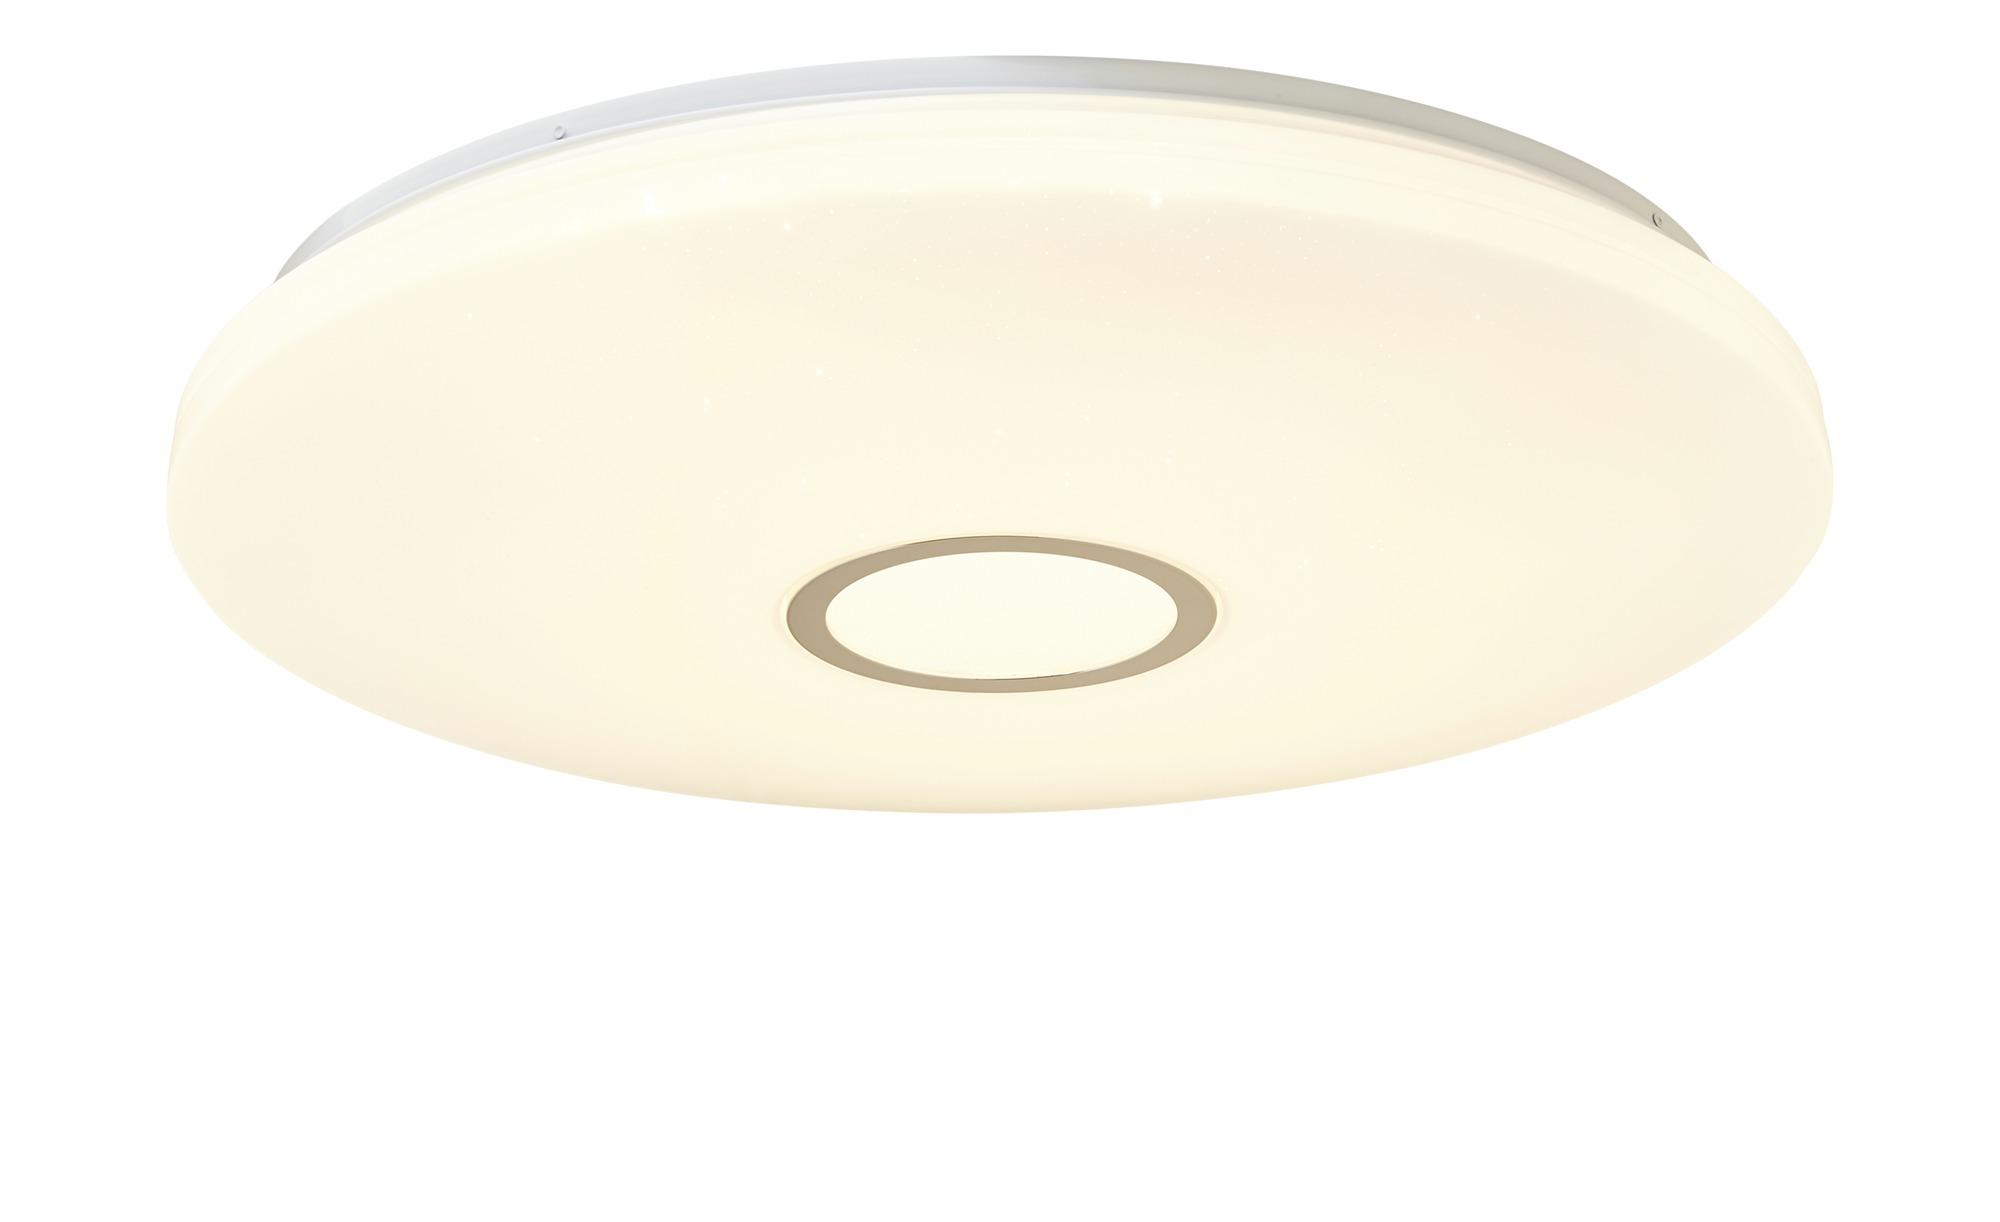 KHG LED-Deckenleuchte, mit Fernbedienung ¦ weiß ¦ Maße (cm): H: 9,5 Ø: [59.0] Lampen & Leuchten > Innenleuchten > Deckenleuchten - Höffner